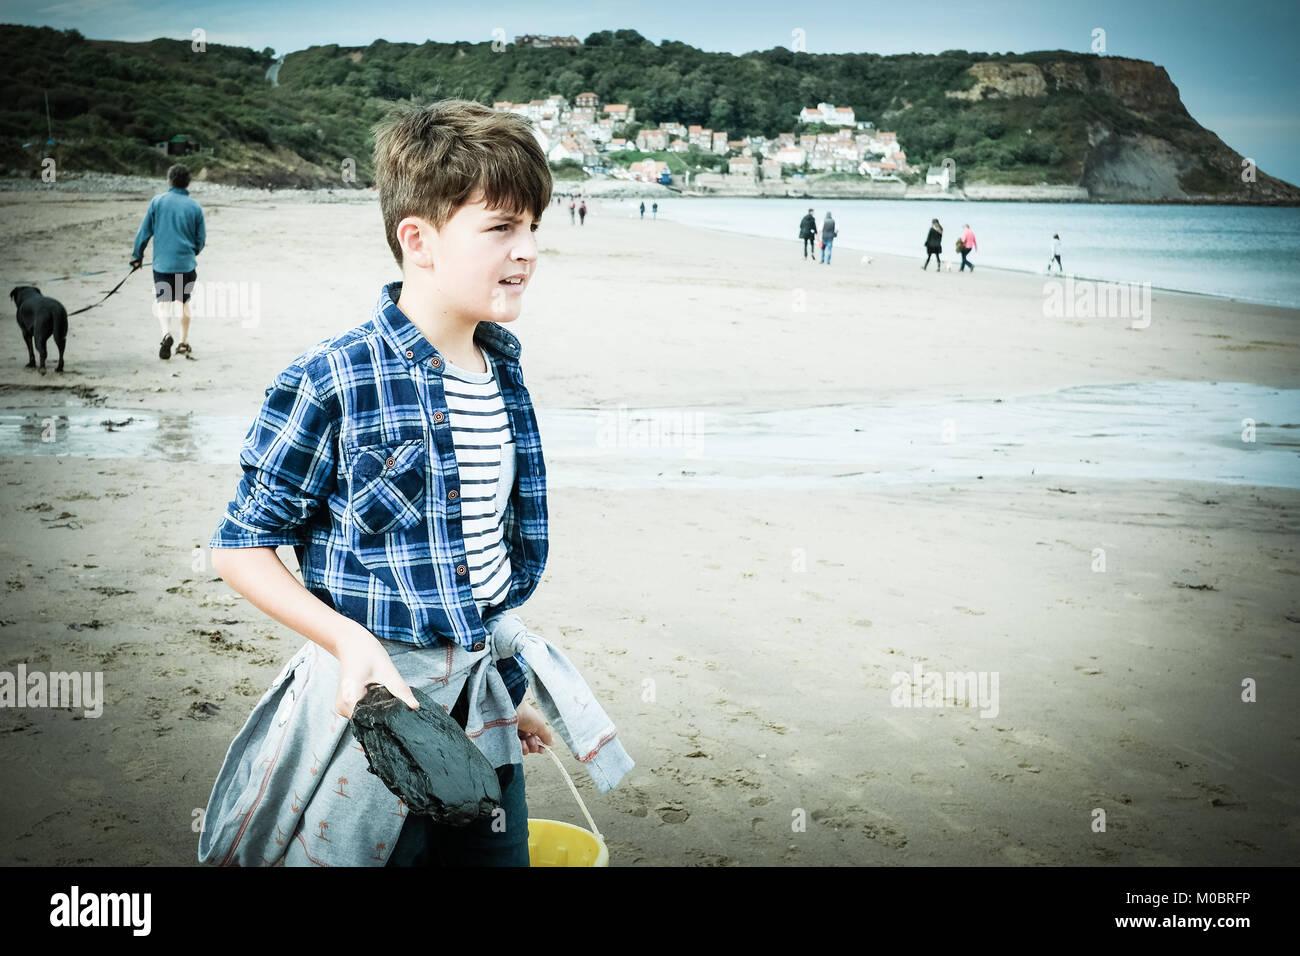 10 Jahre alte dunkelhaarige Junge geniessen Urlaub am Strand, [Songbook] Bay, Yorkshire, Großbritannien. Stockbild